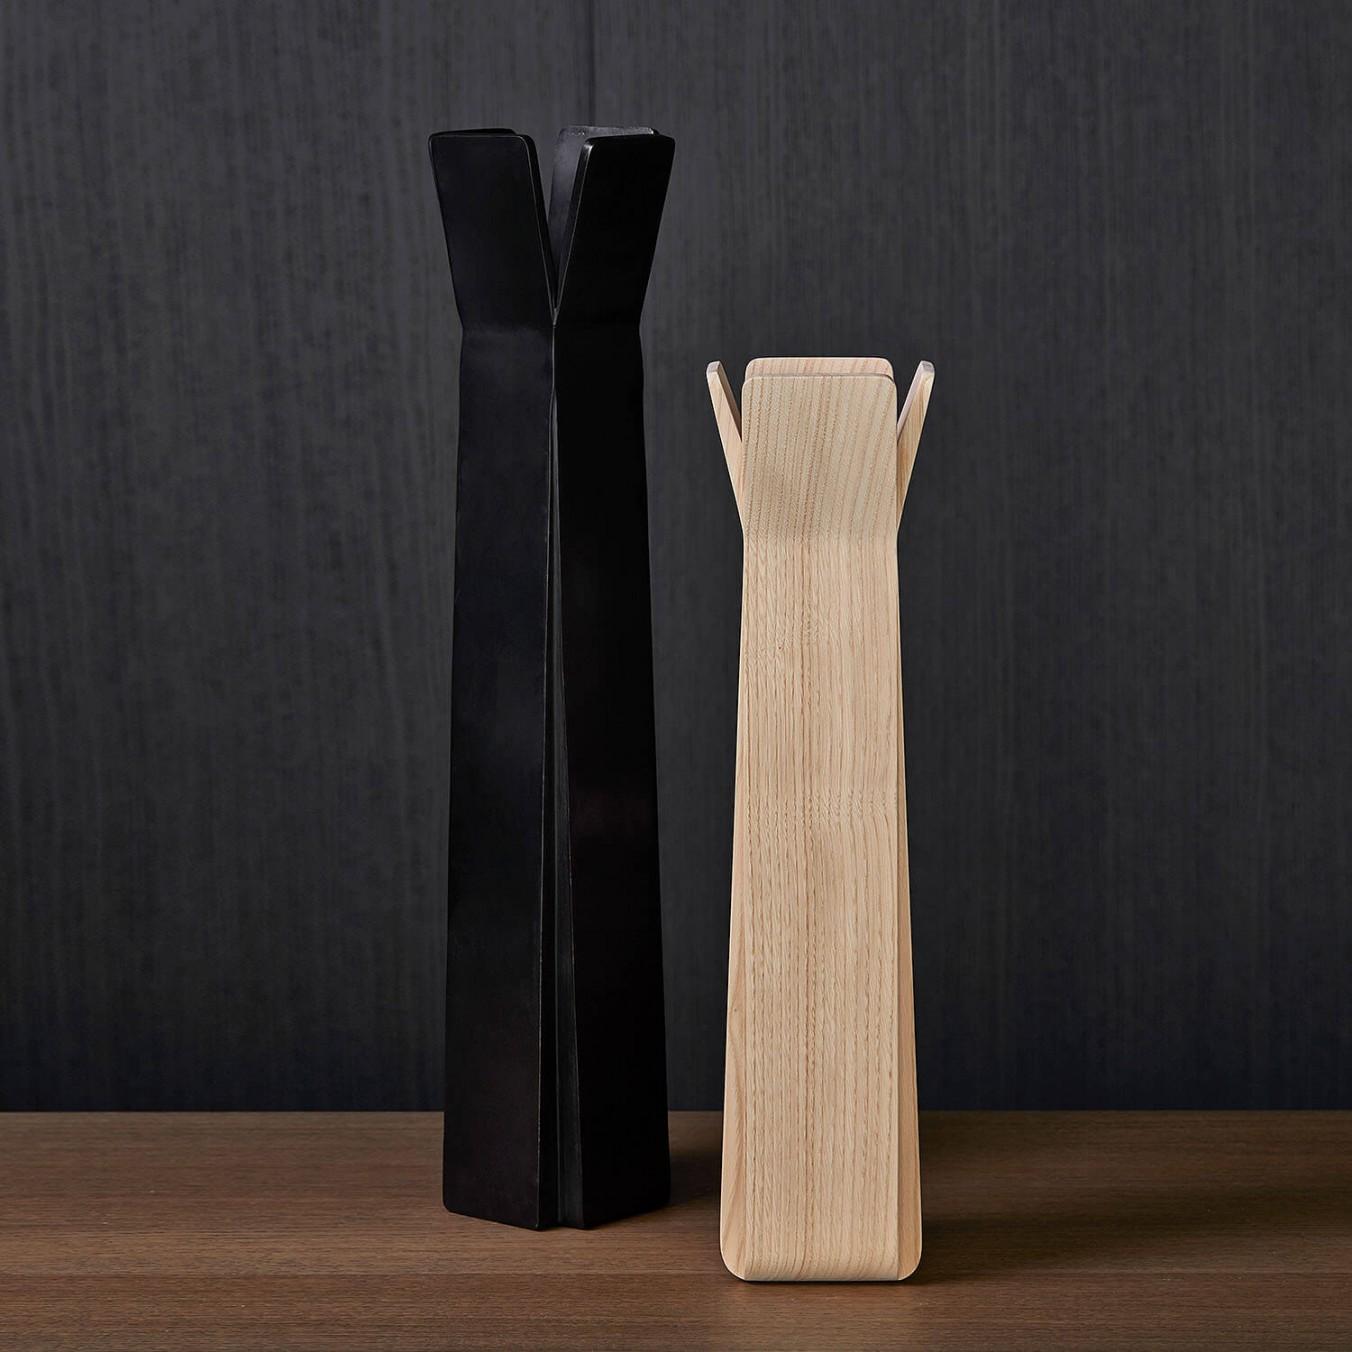 Tor vases